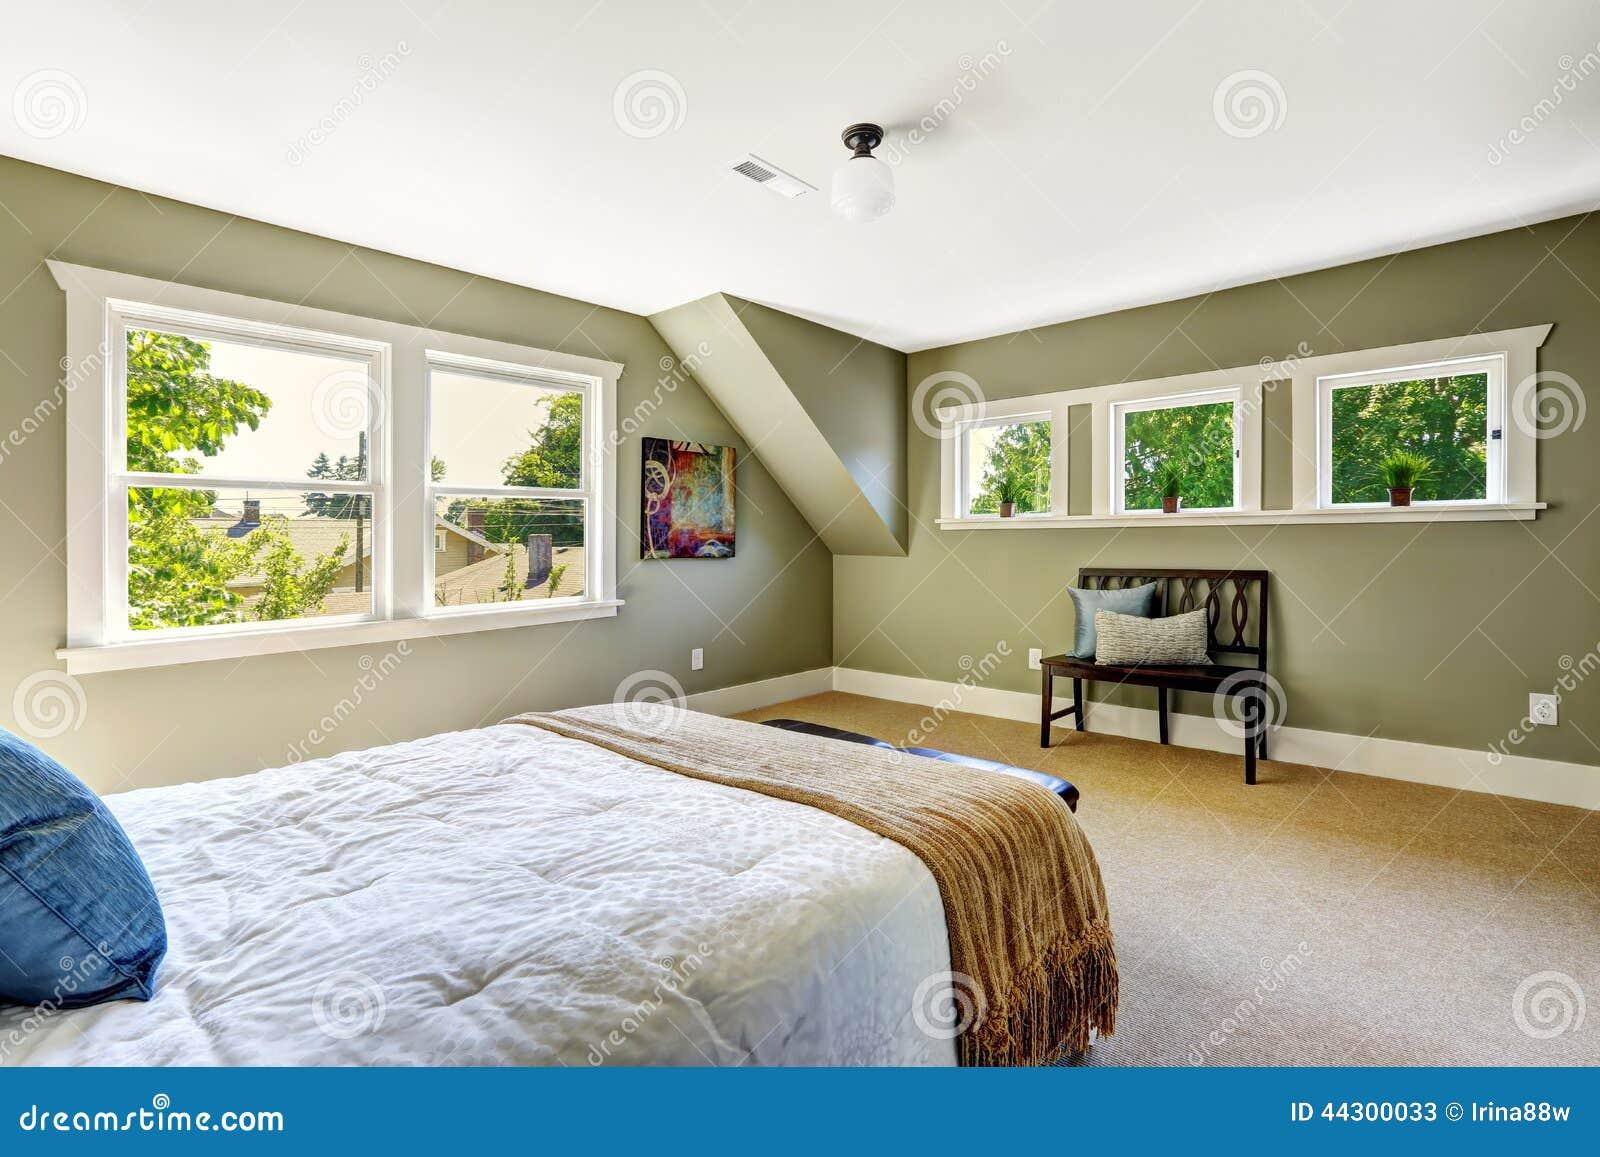 https://thumbs.dreamstime.com/z/slaapkamer-met-groene-muren-en-gewelfd-plafond-44300033.jpg